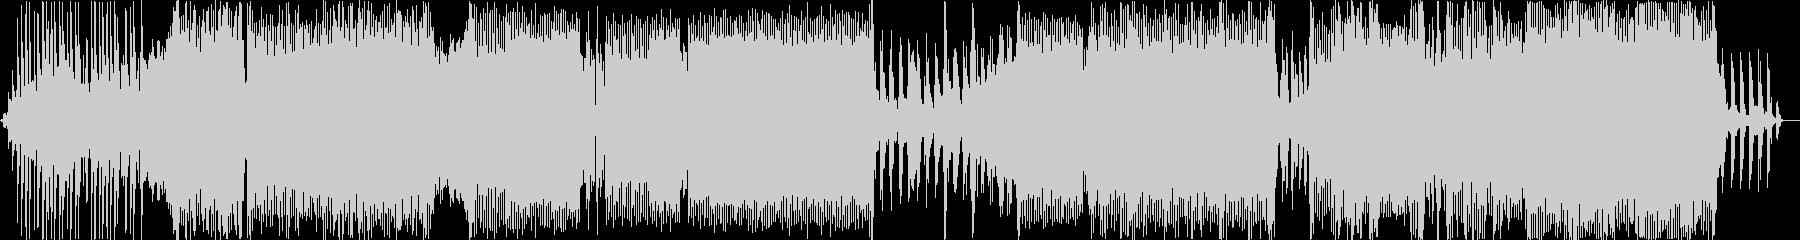 ピアノオクターブの未再生の波形